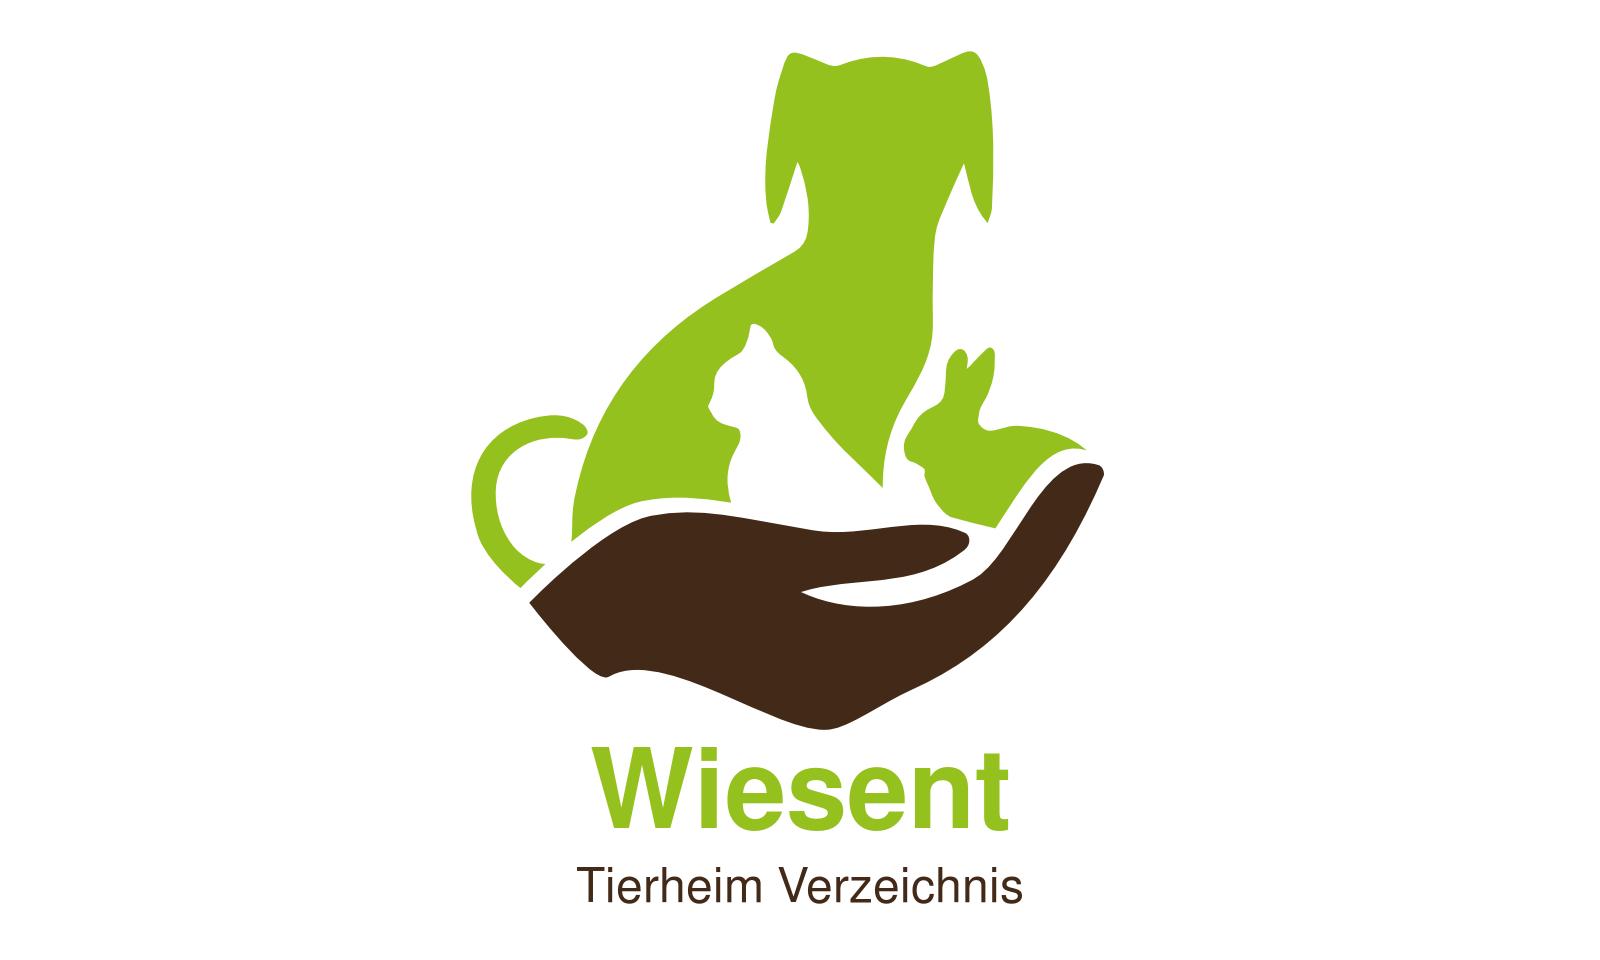 Tierheim Wiesent